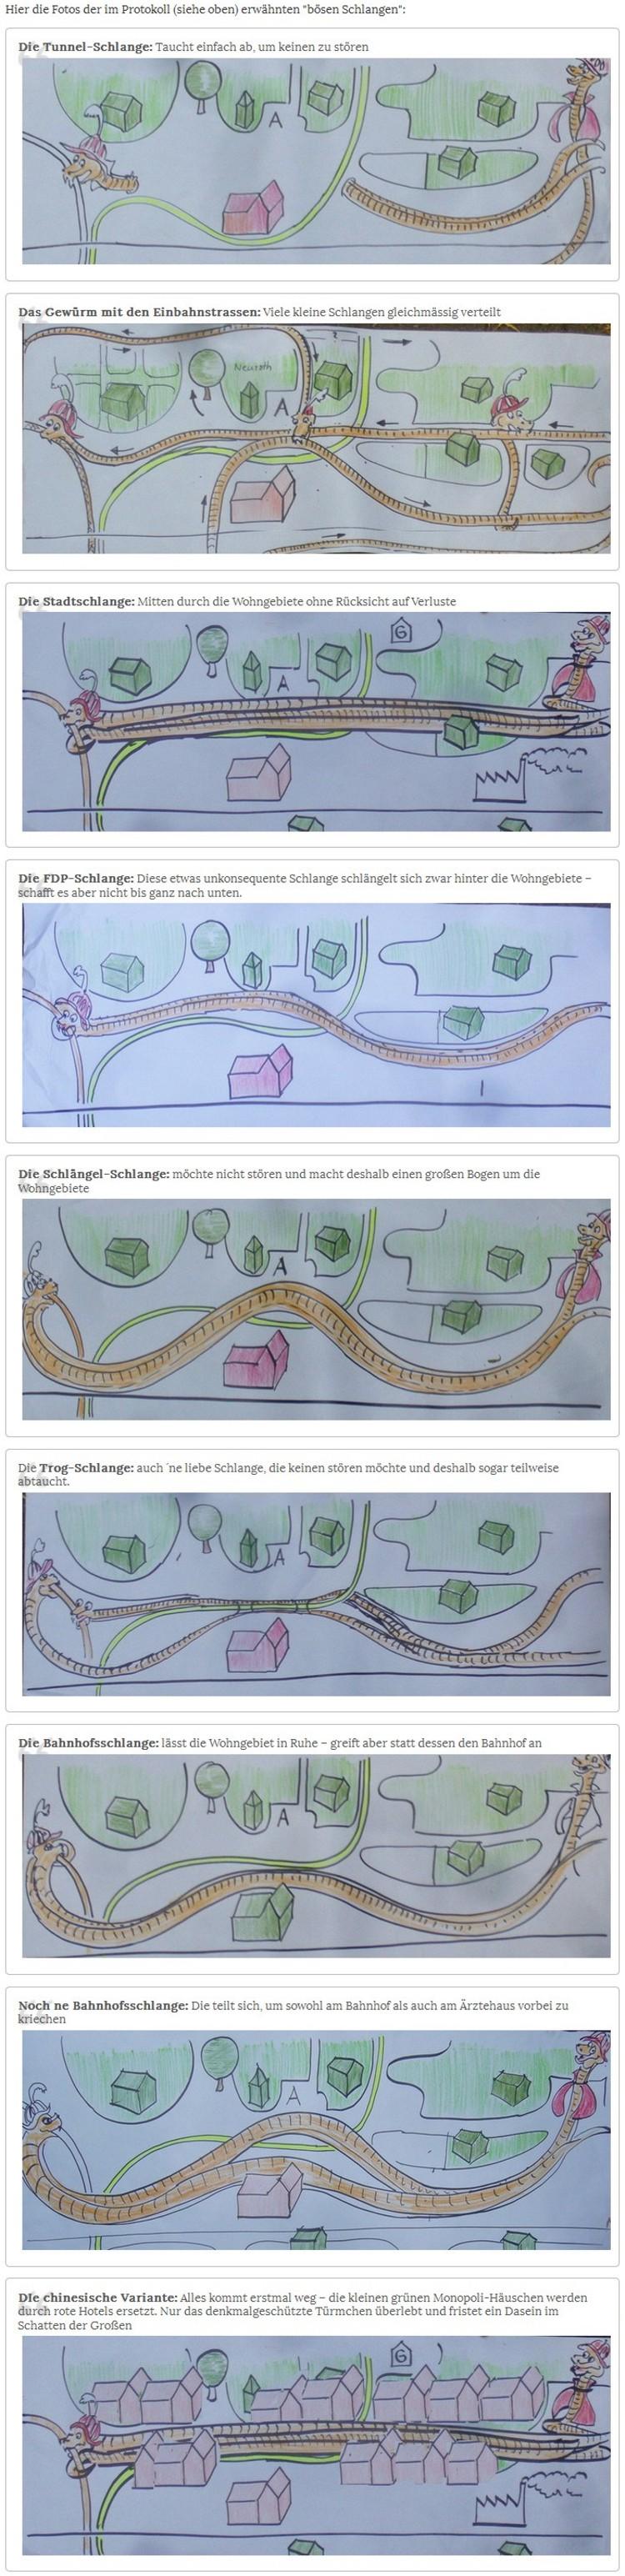 http://www.phorumursellis.de/images/T2-Schlangen-750.jpg